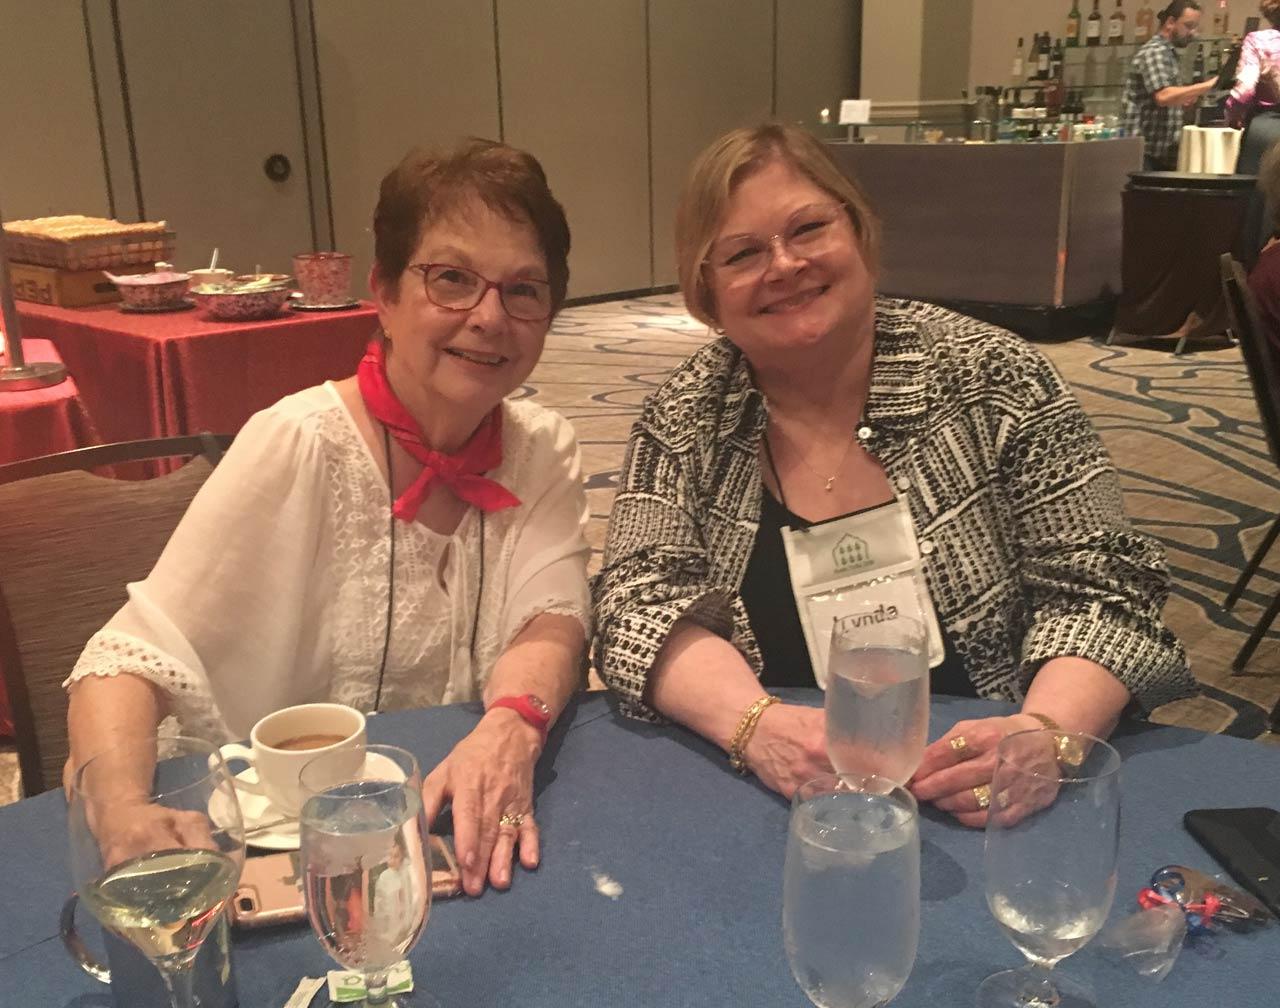 Lynda with friend